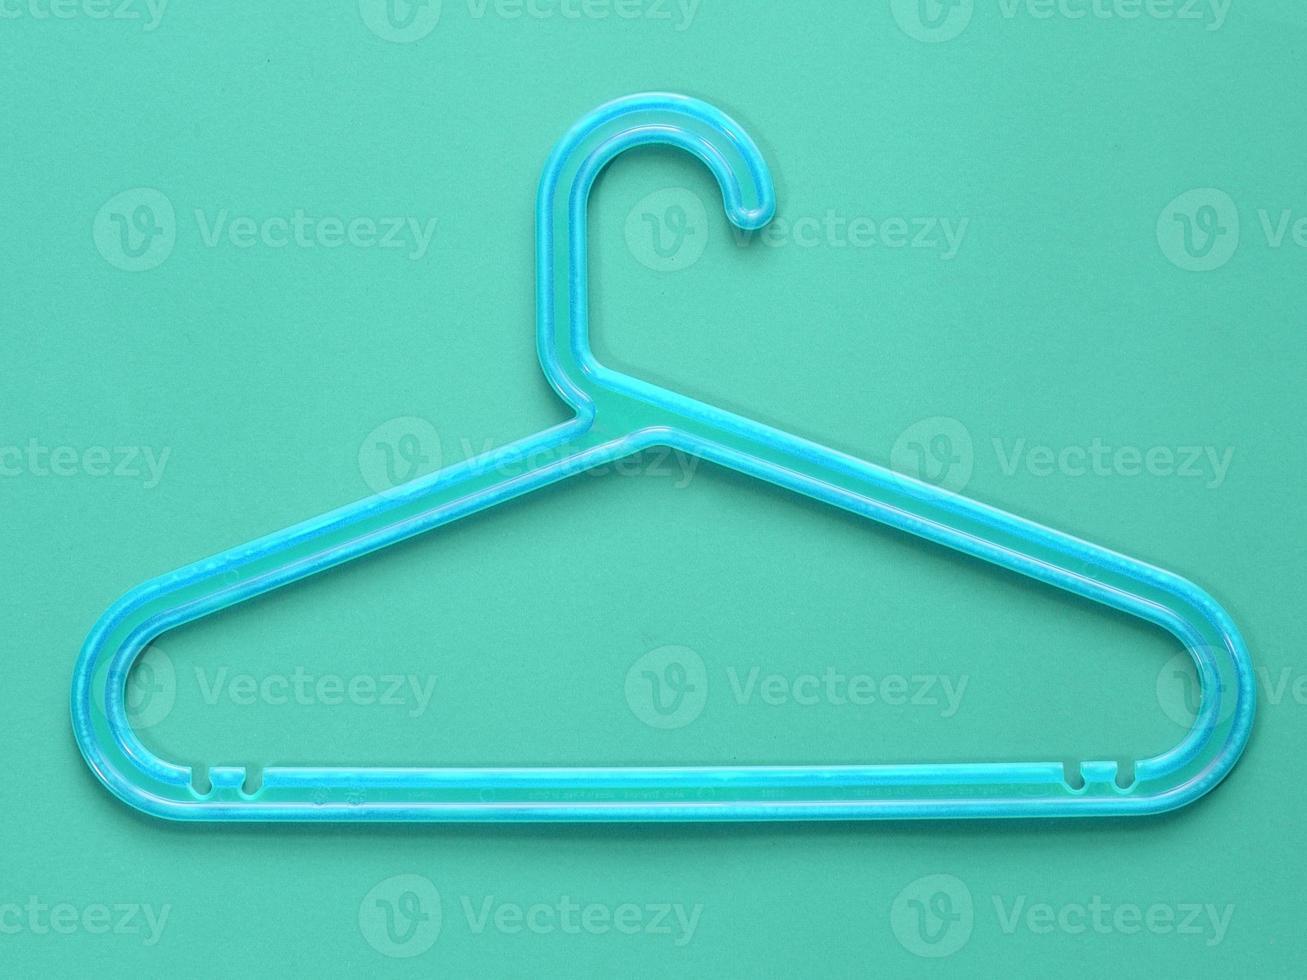 Percha de tela de plástico azul sobre fondo azul. foto